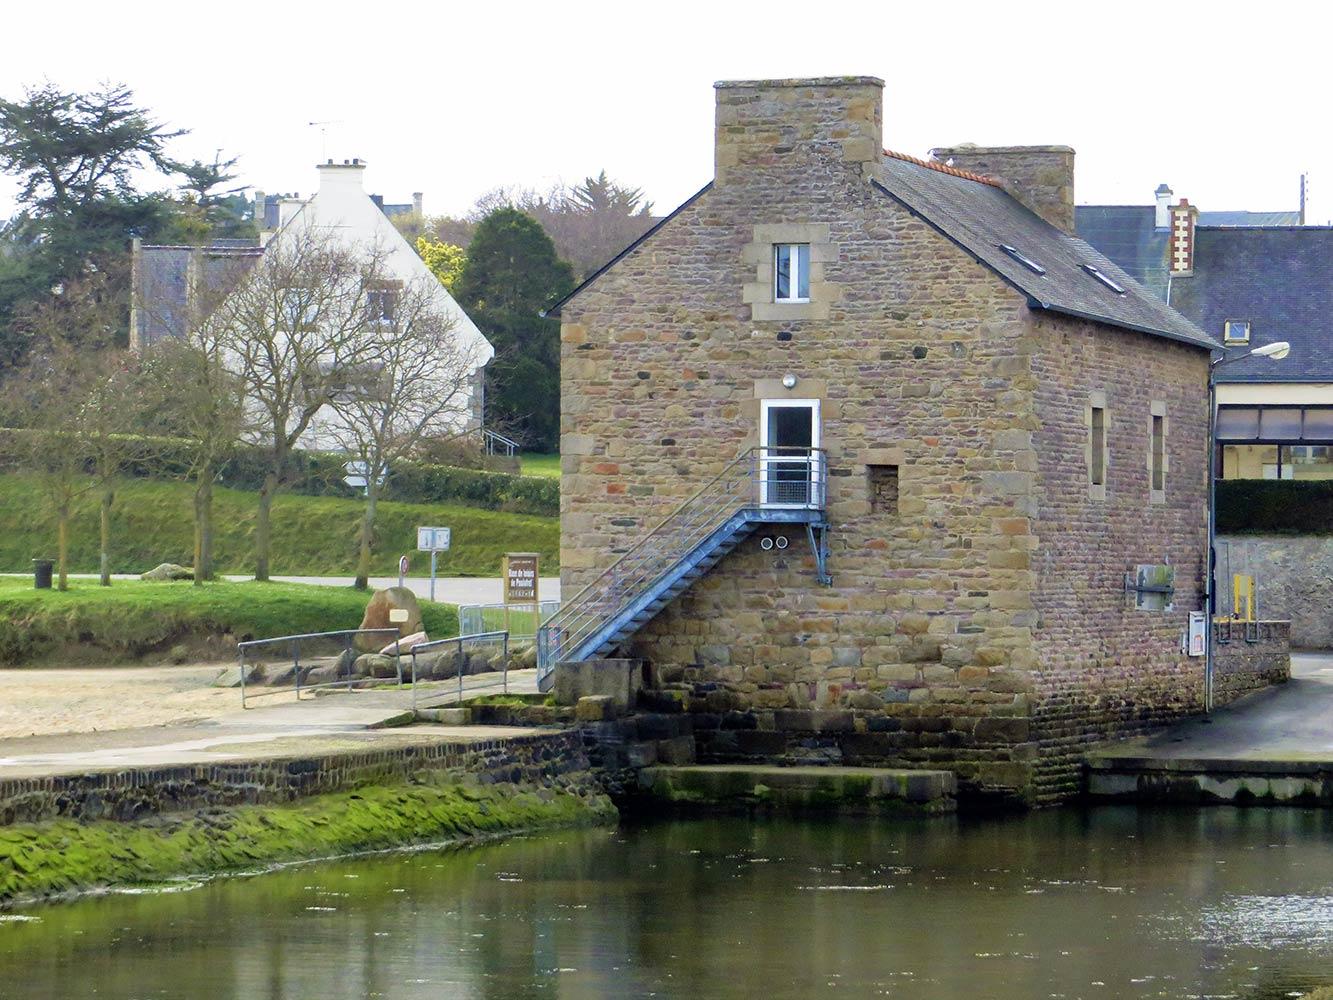 Paimpol - Le Moulin a maree de Poulafret